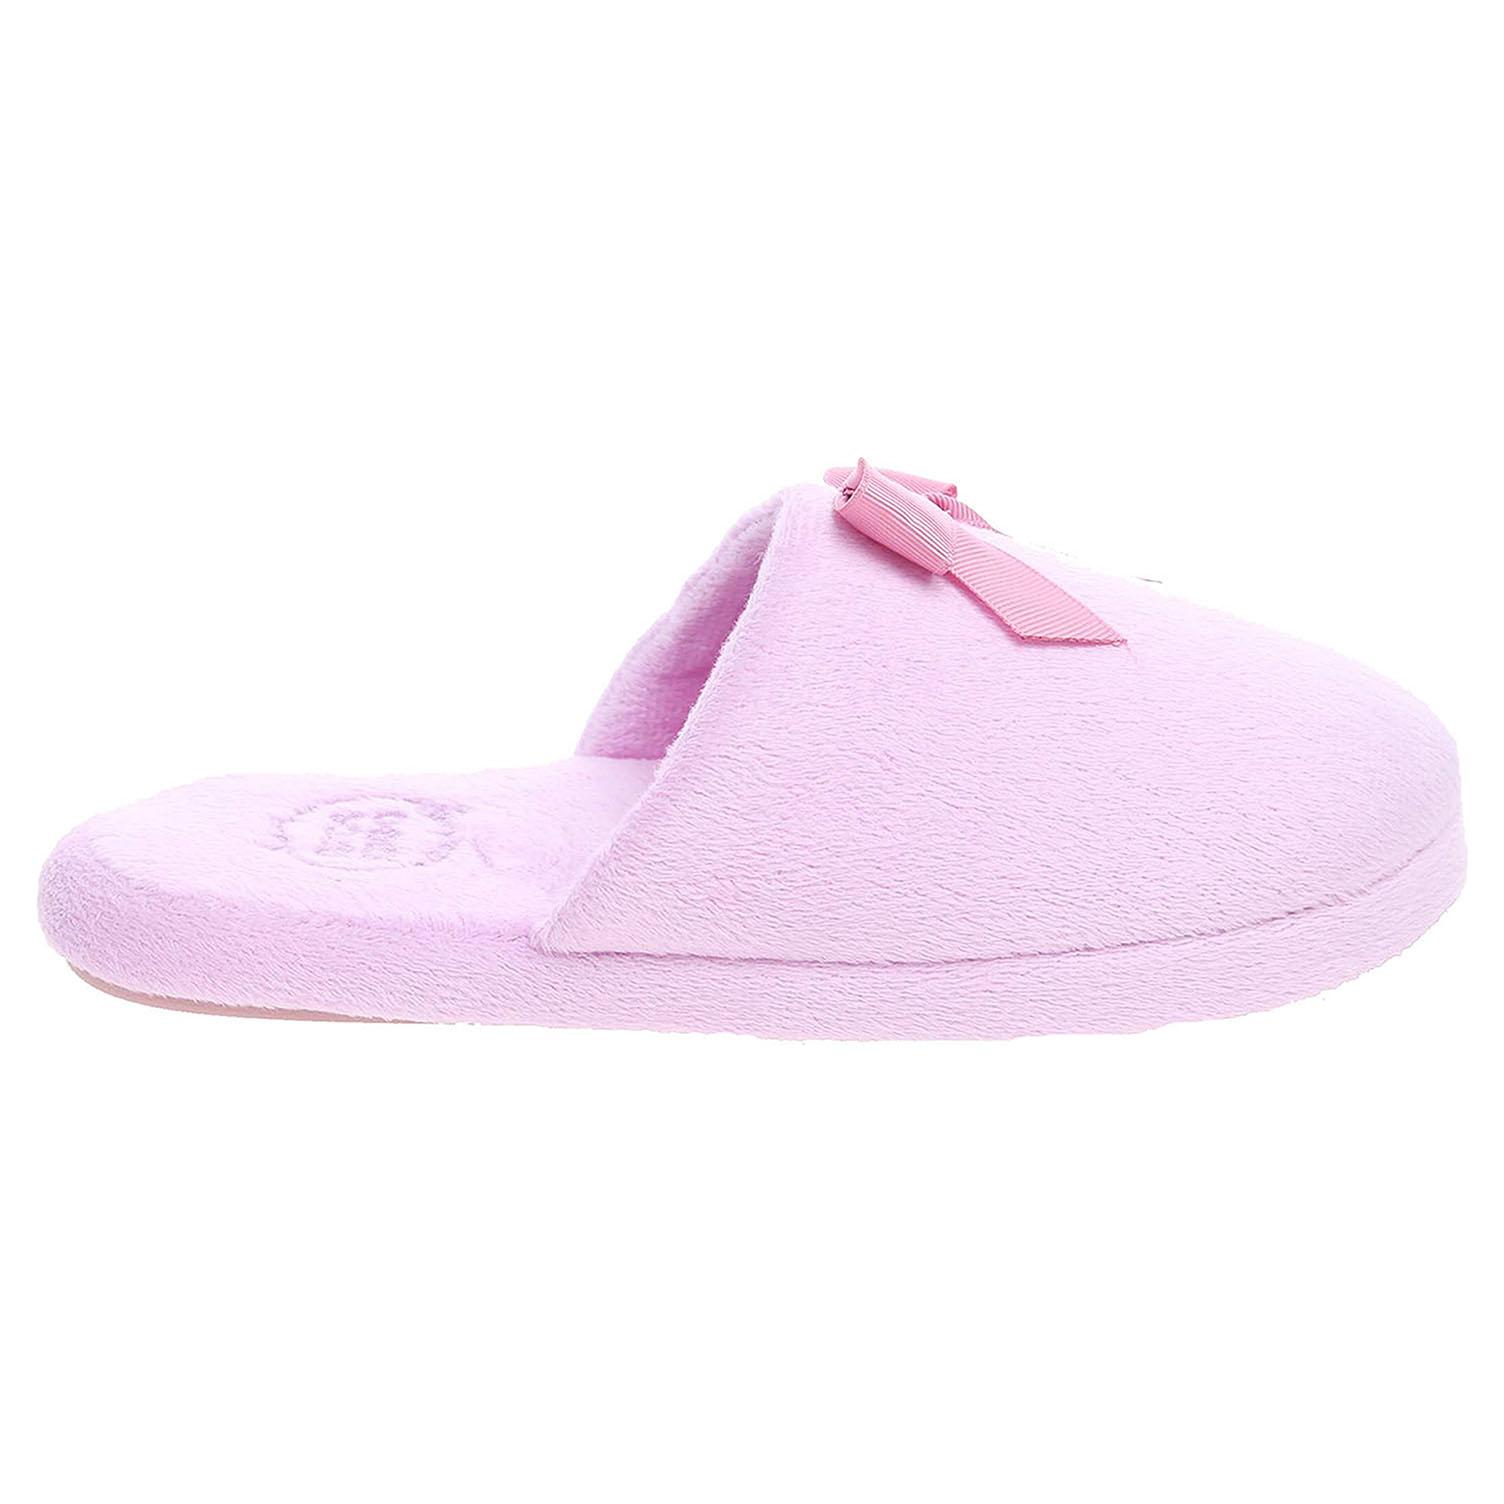 Gioseppo Coleta domácí pantofle růžové 38